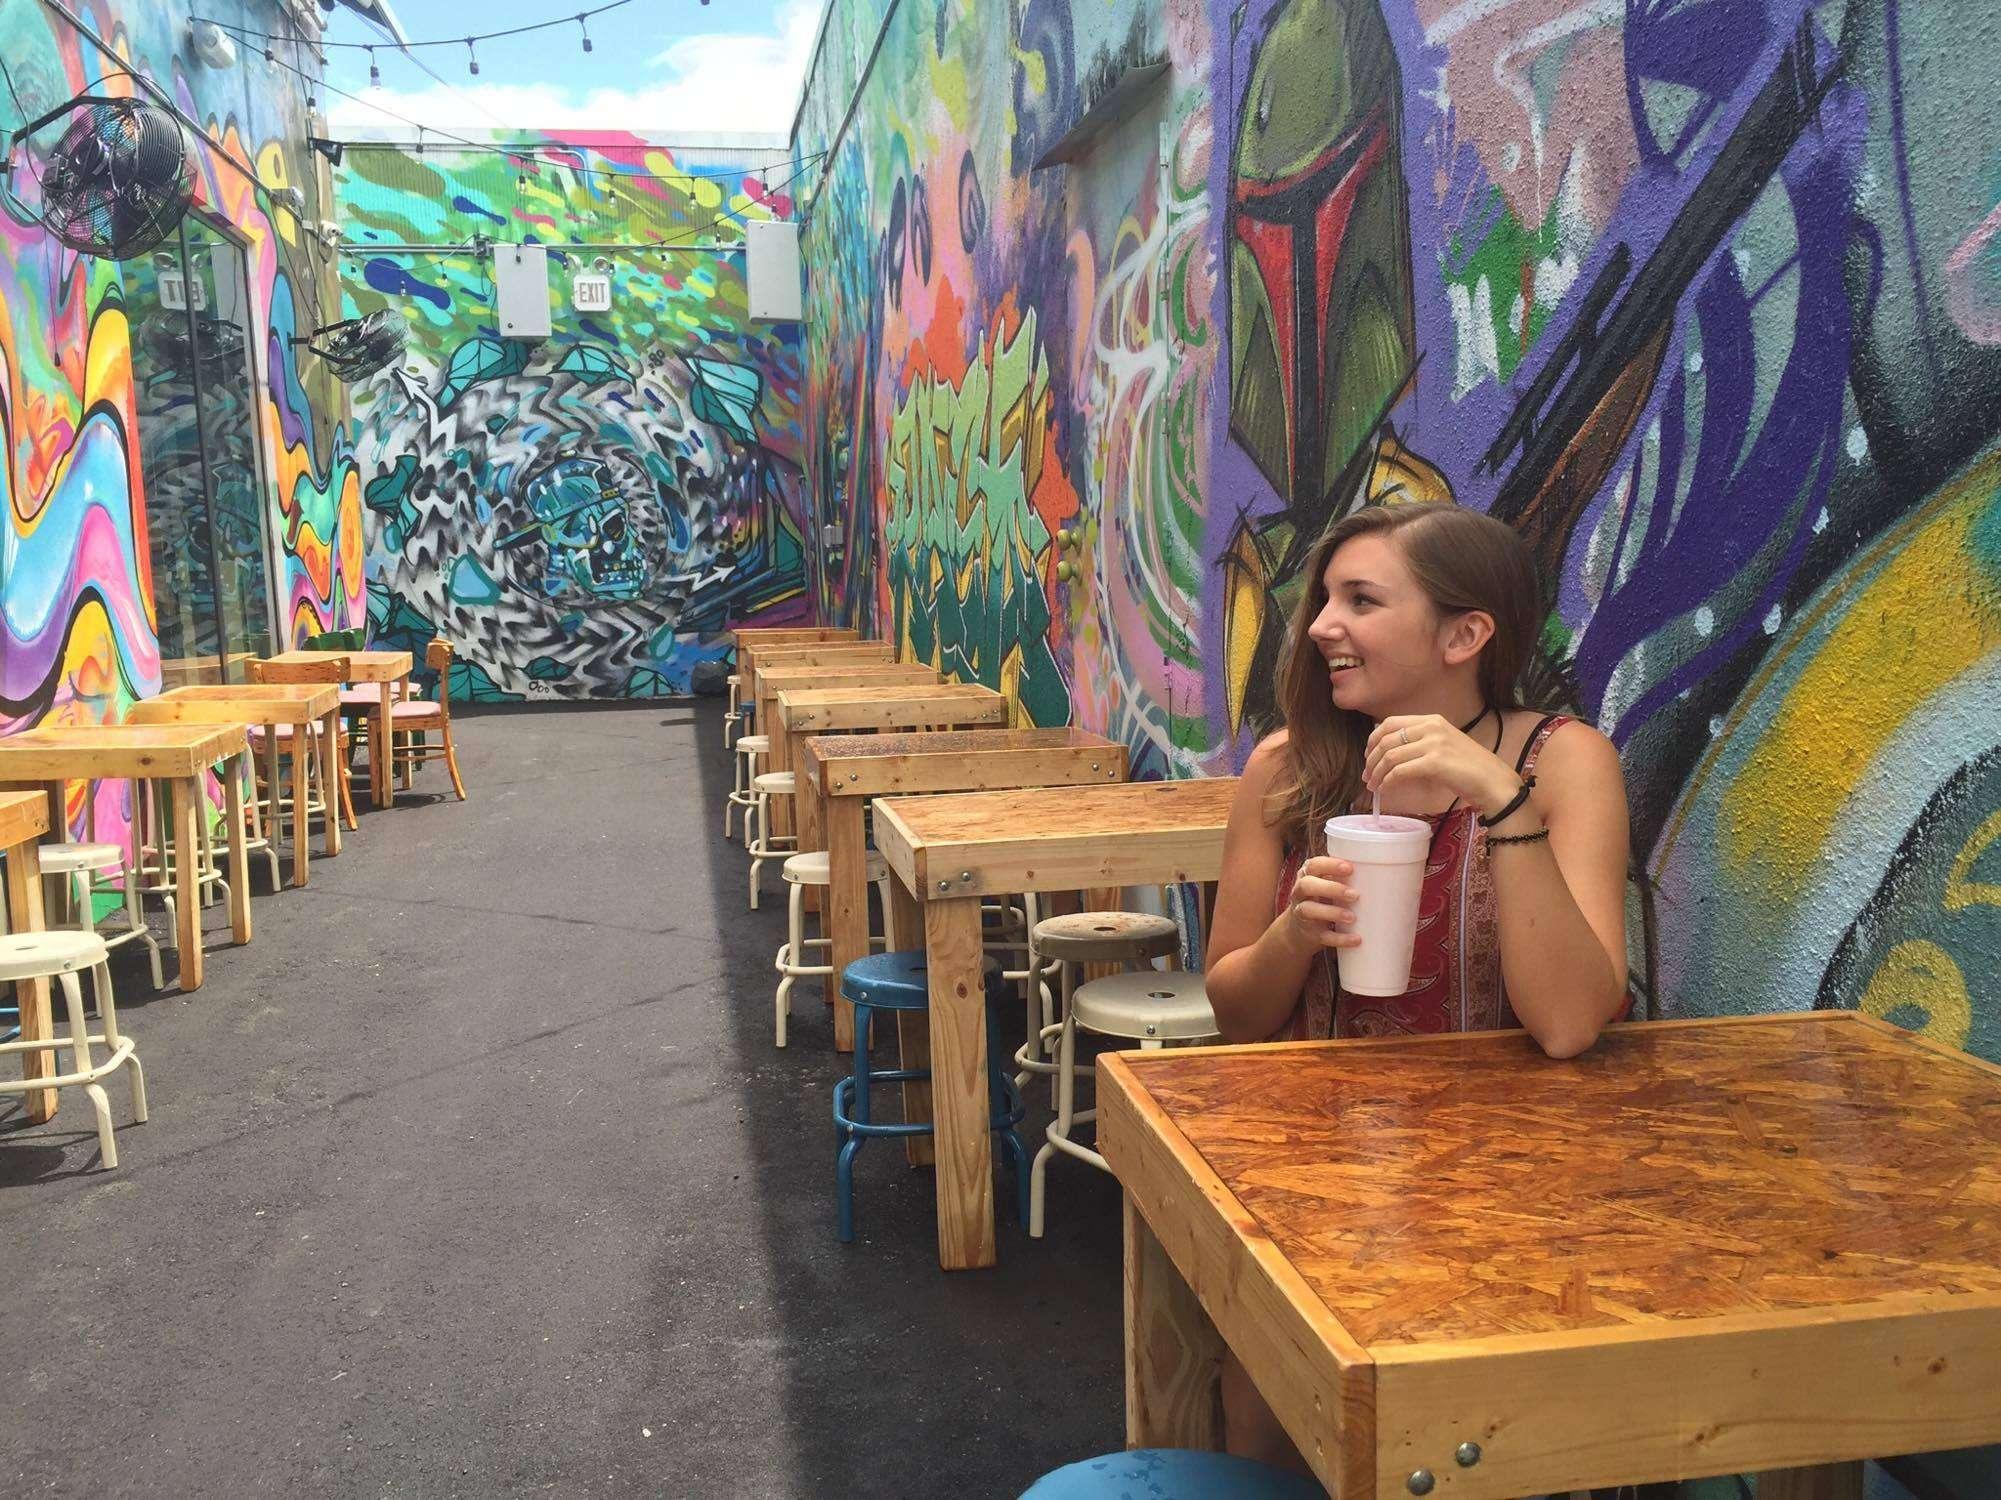 Miami Art District - Graffiti : Top 99 des villes les plus instagrammées - Nomad Junkies